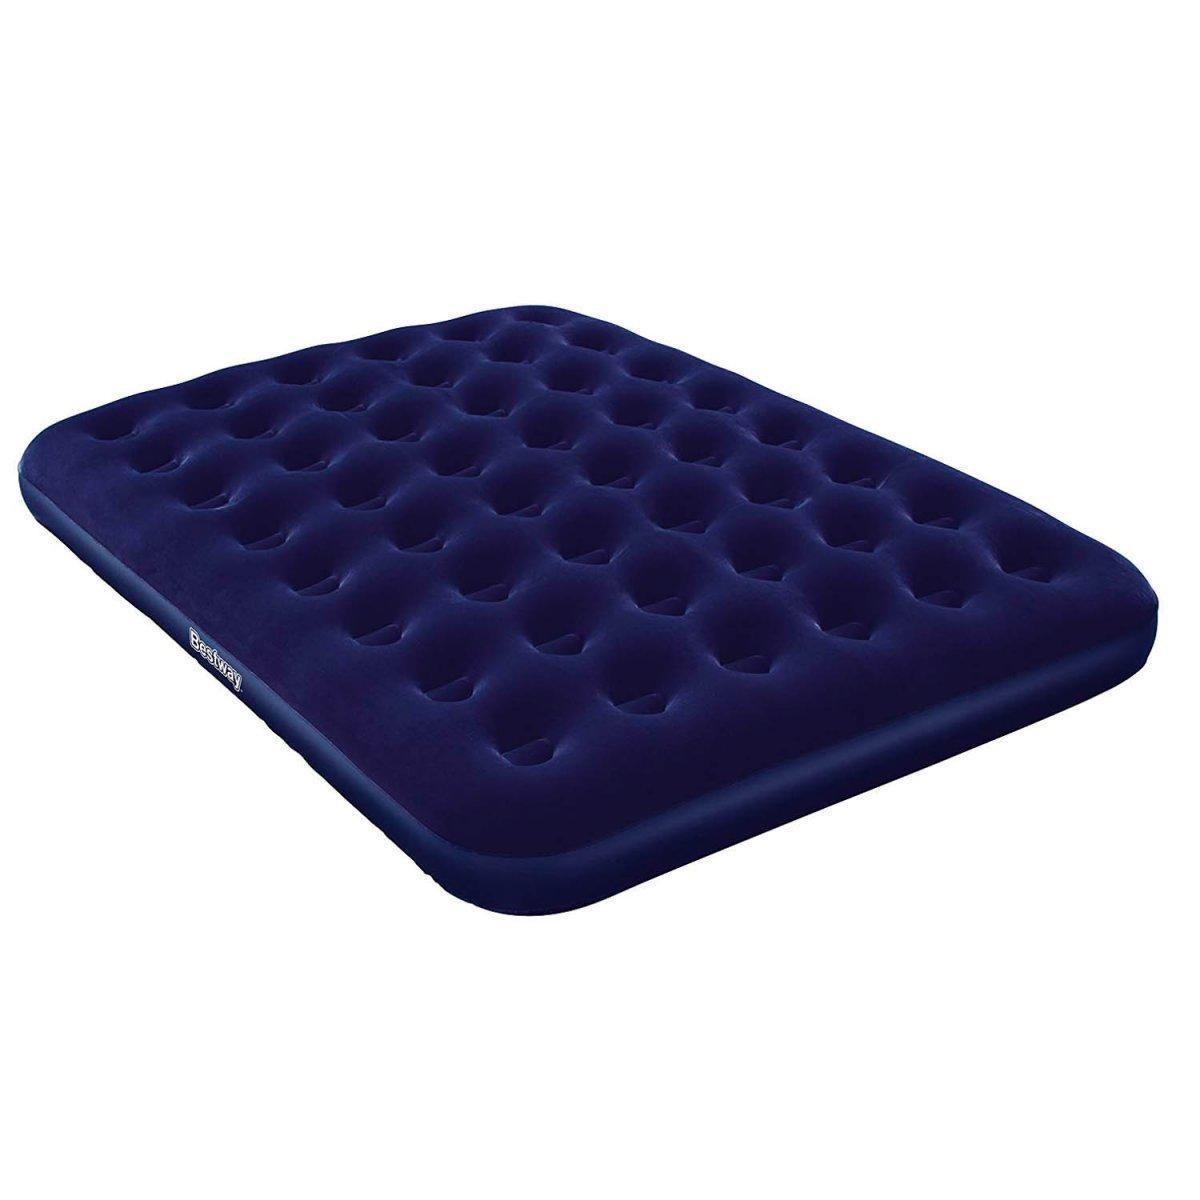 Велюр матрац 2-спалка Best Way BW 67003 синий, 203-152-22см